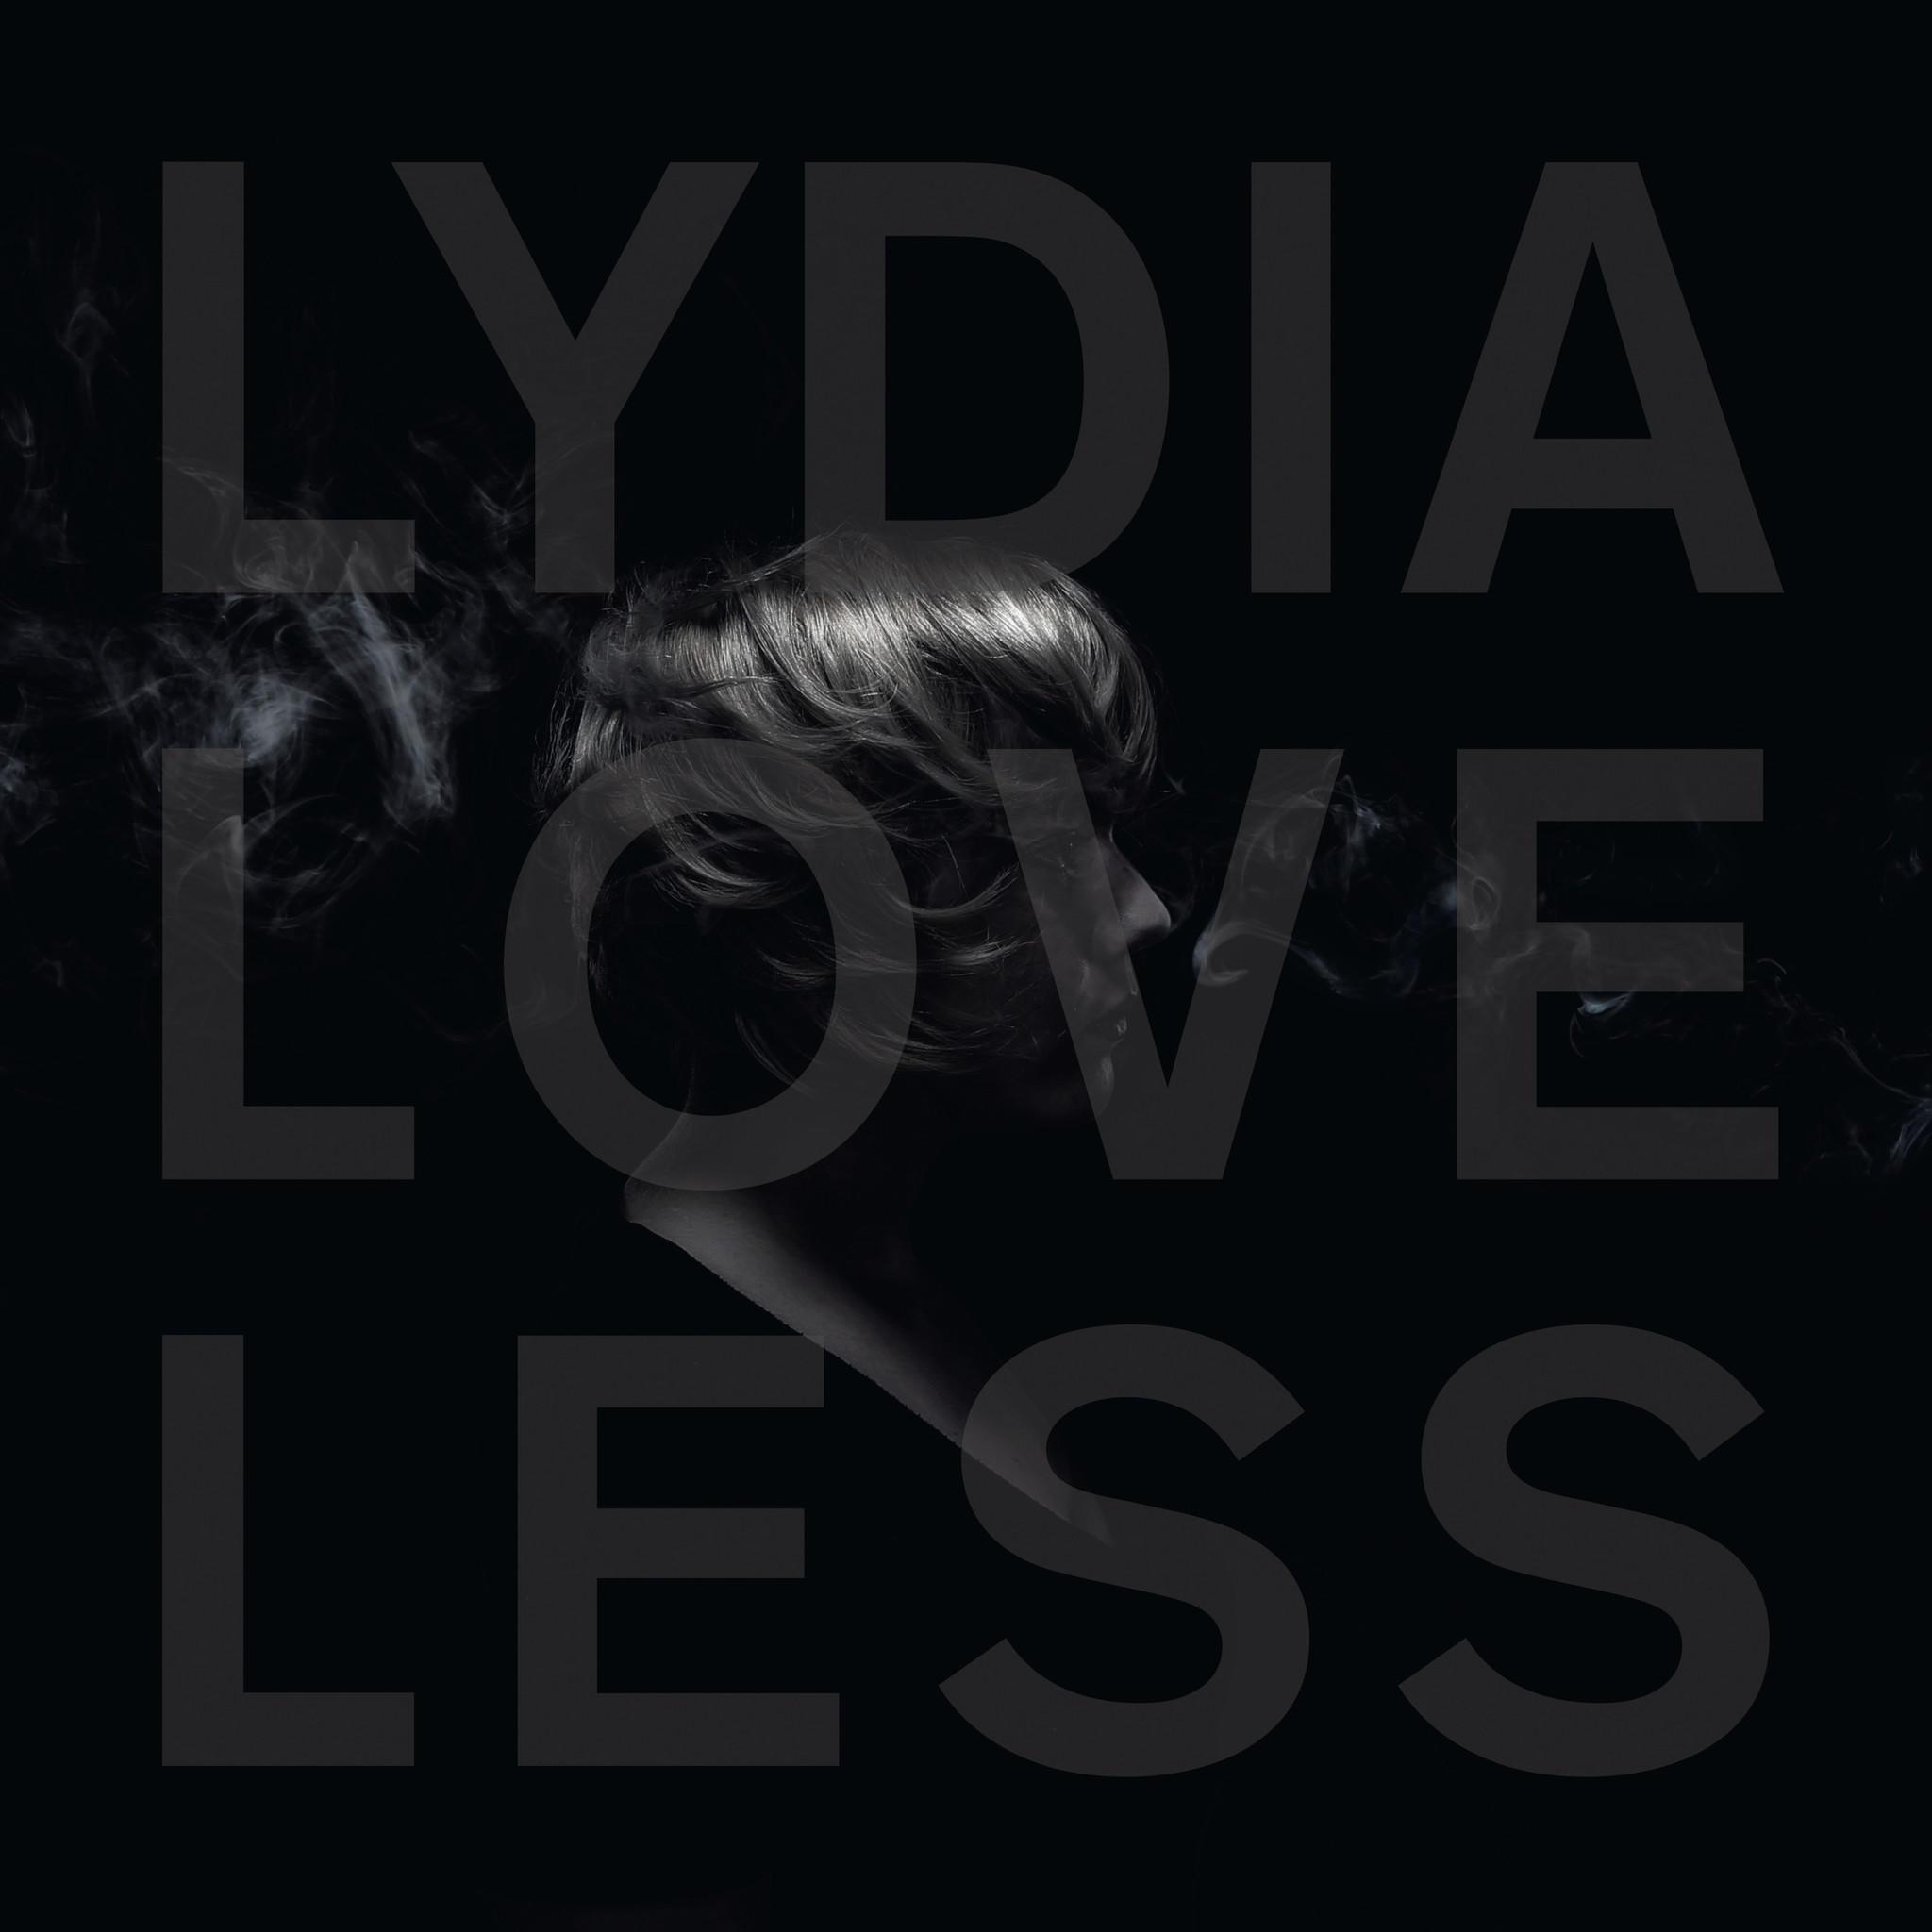 """Art for Lydia Loveless' new album """"Somewhere Else."""""""